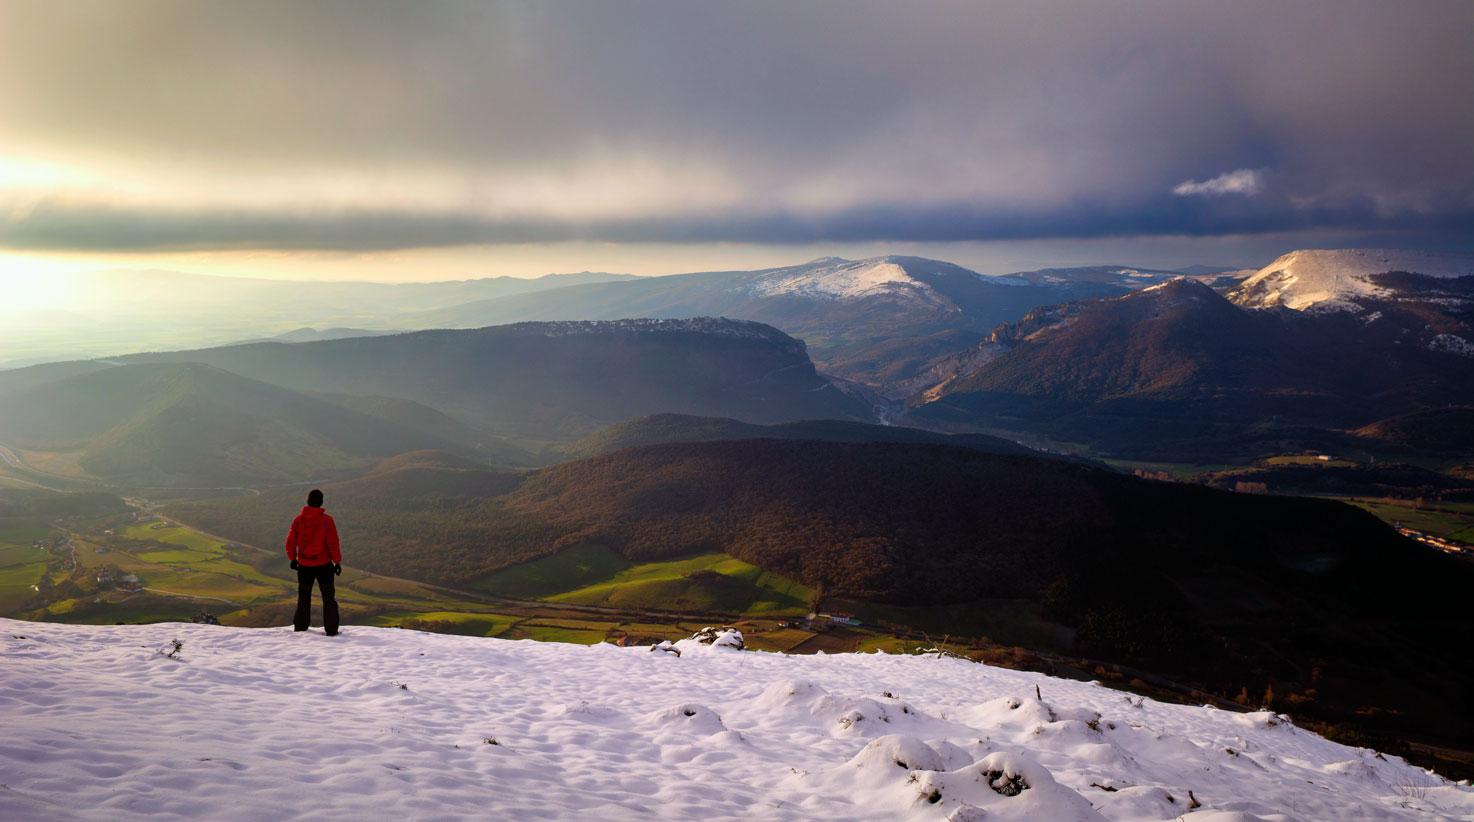 Observando las primeras luces - Deportes y aventuras - Inaki Larrea, Nature and mountains Photography